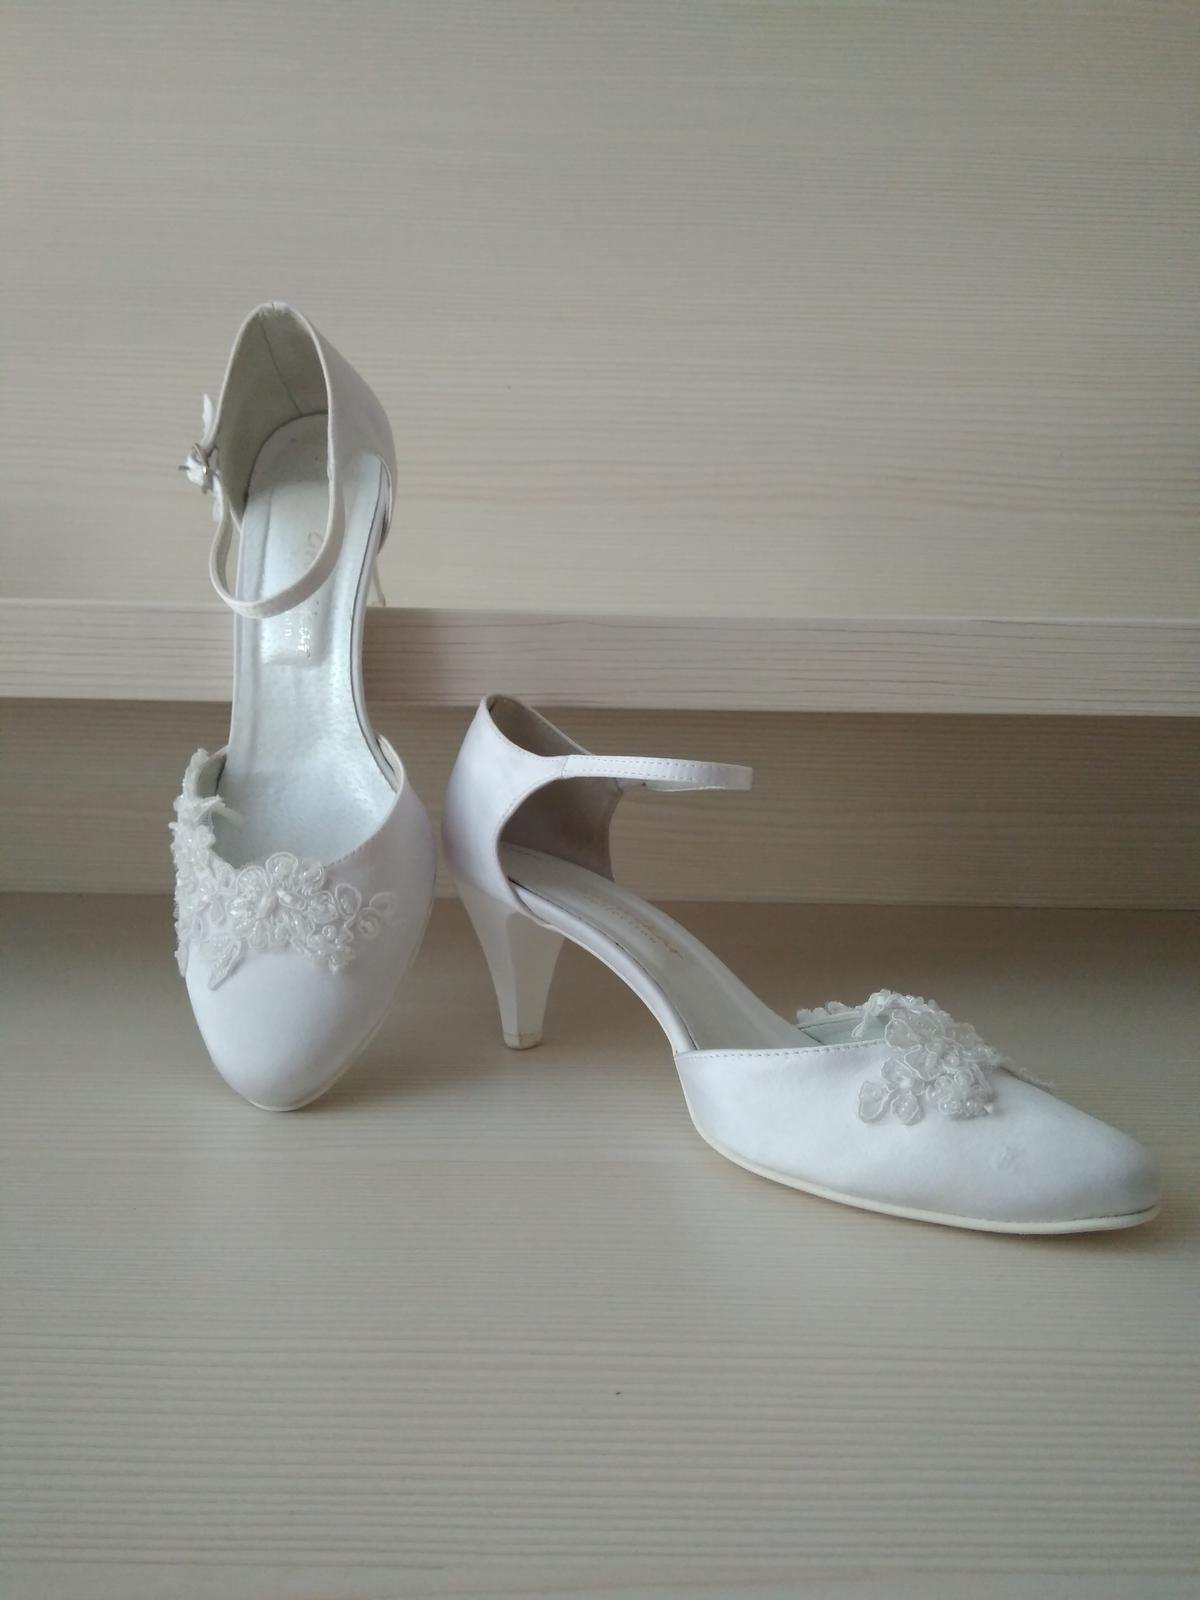 Pohodlné sandále - Obrázok č. 1